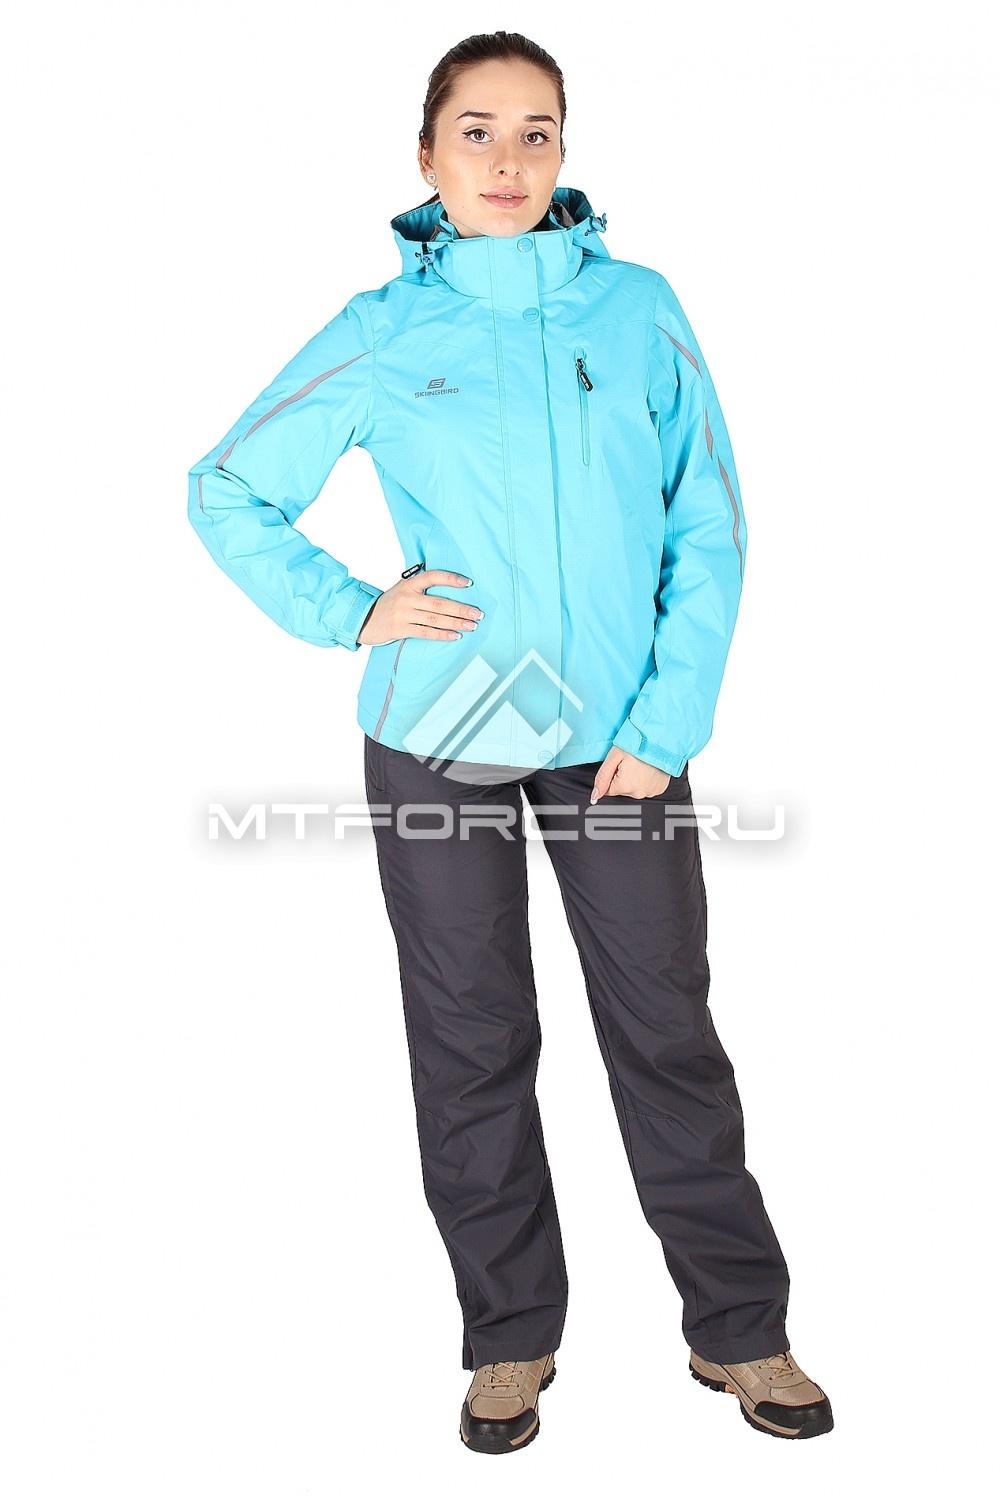 Купить                                  оптом Костюм женский голубого цвета 01617Gl